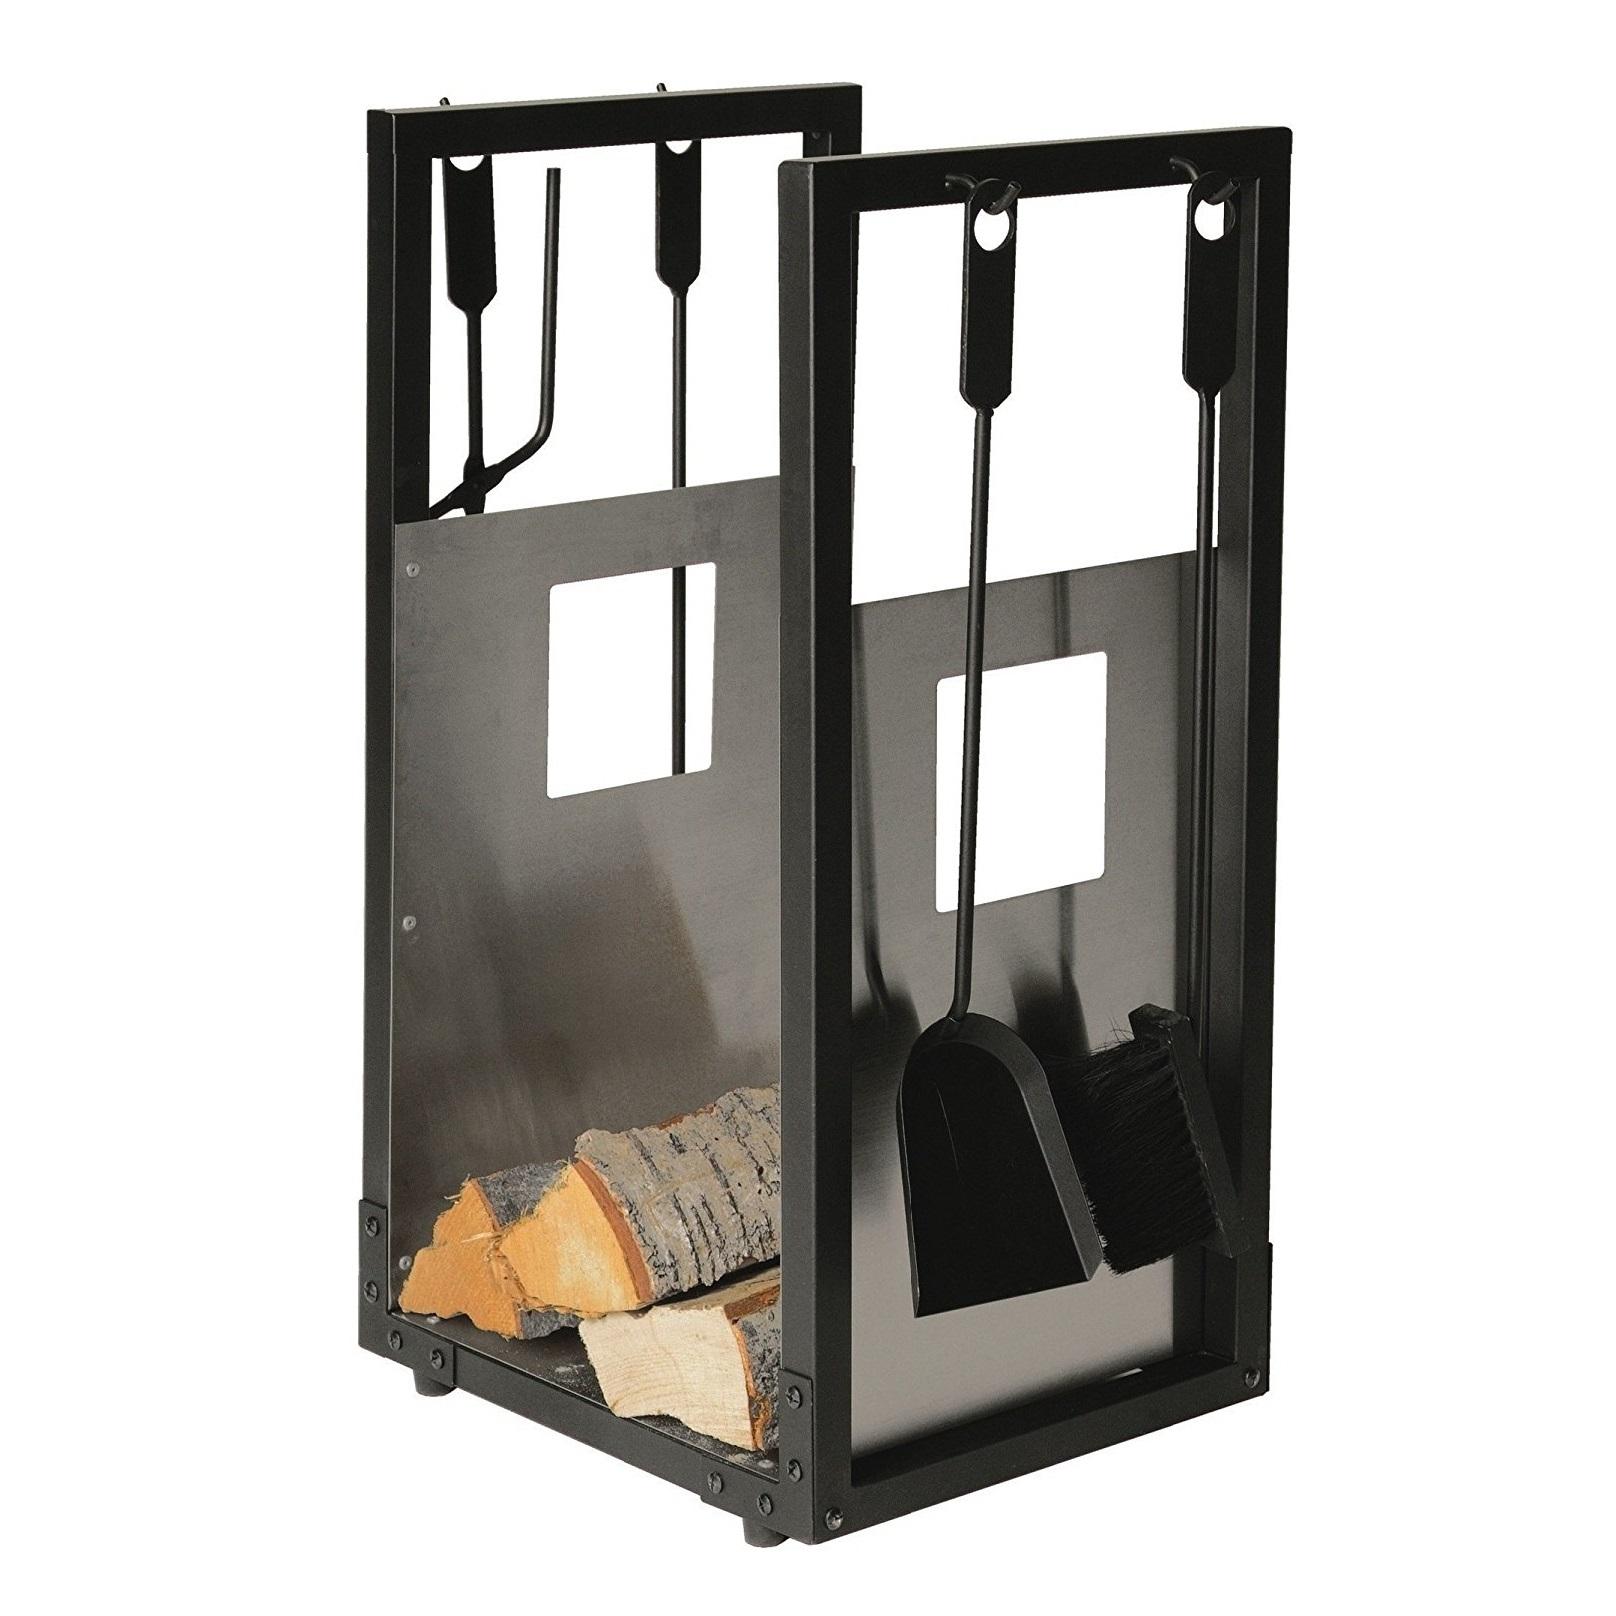 Lienbacher 738.2 Accesorios para chimenea y cesta para leña (pieza de acero inoxidable), color negro